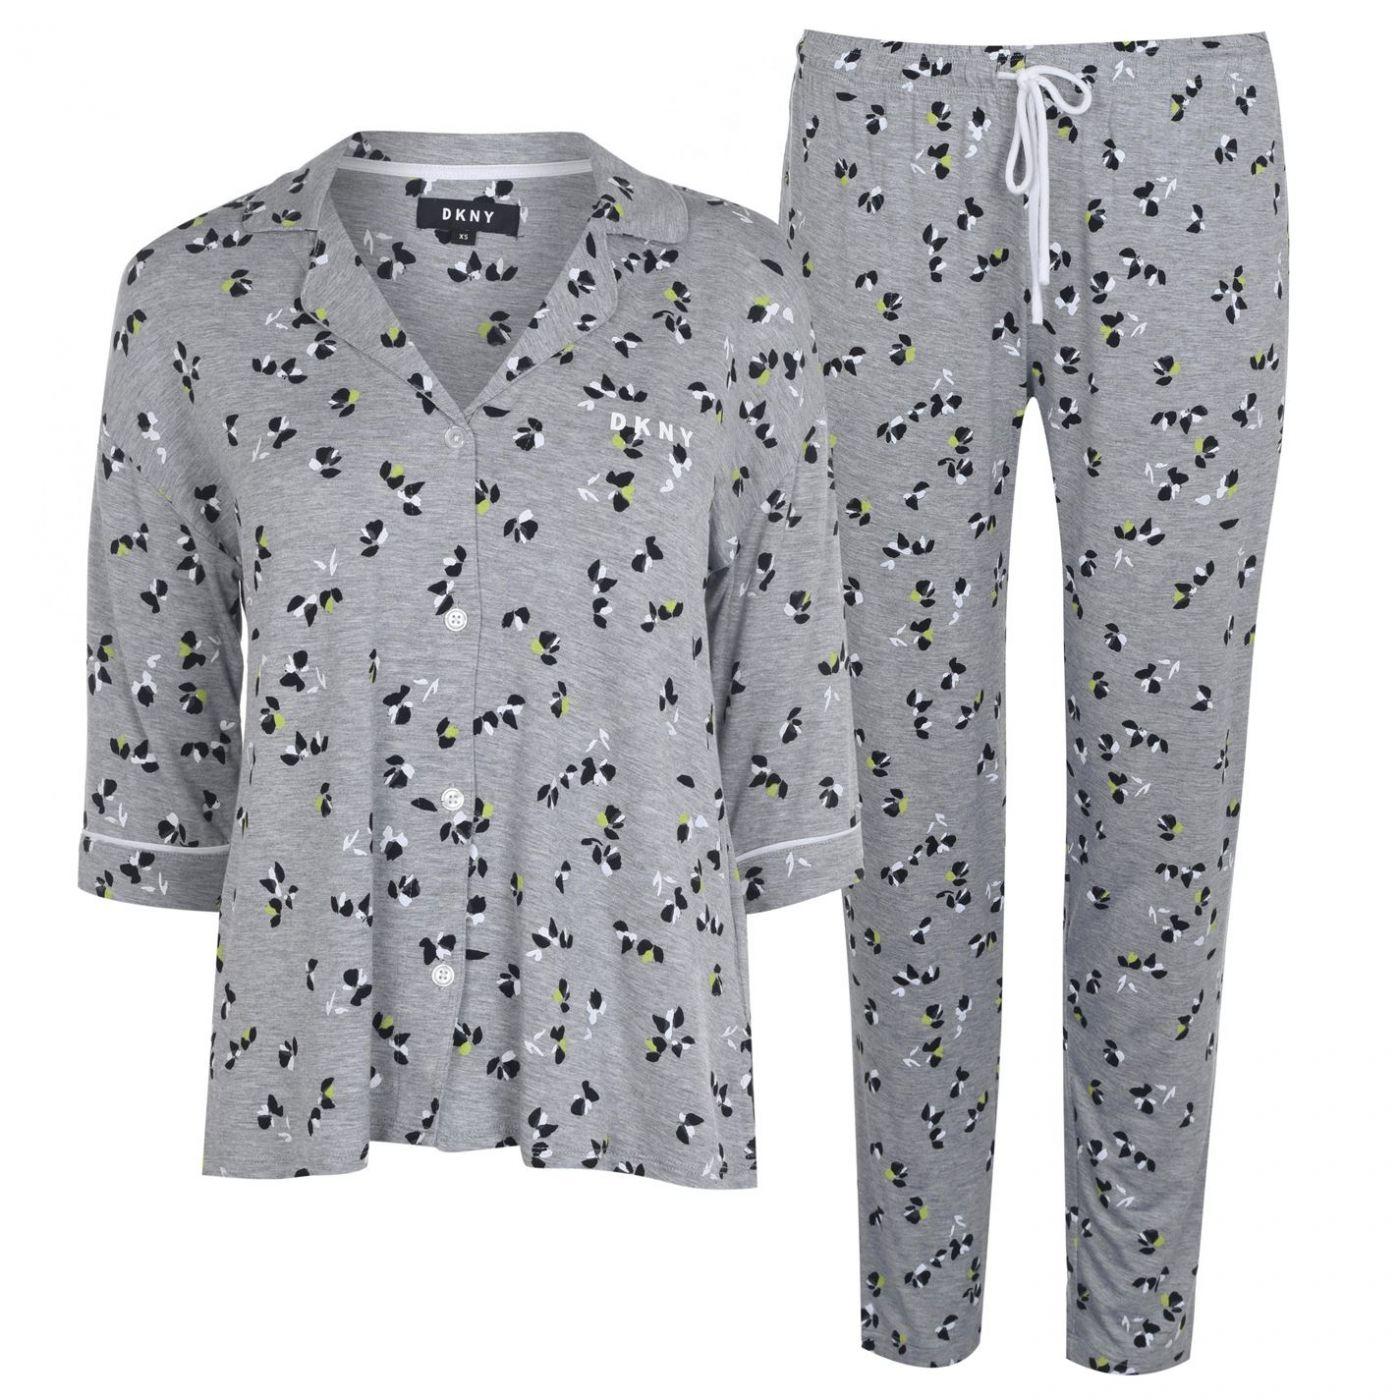 DKNY Floral Jersey Pyjama Set